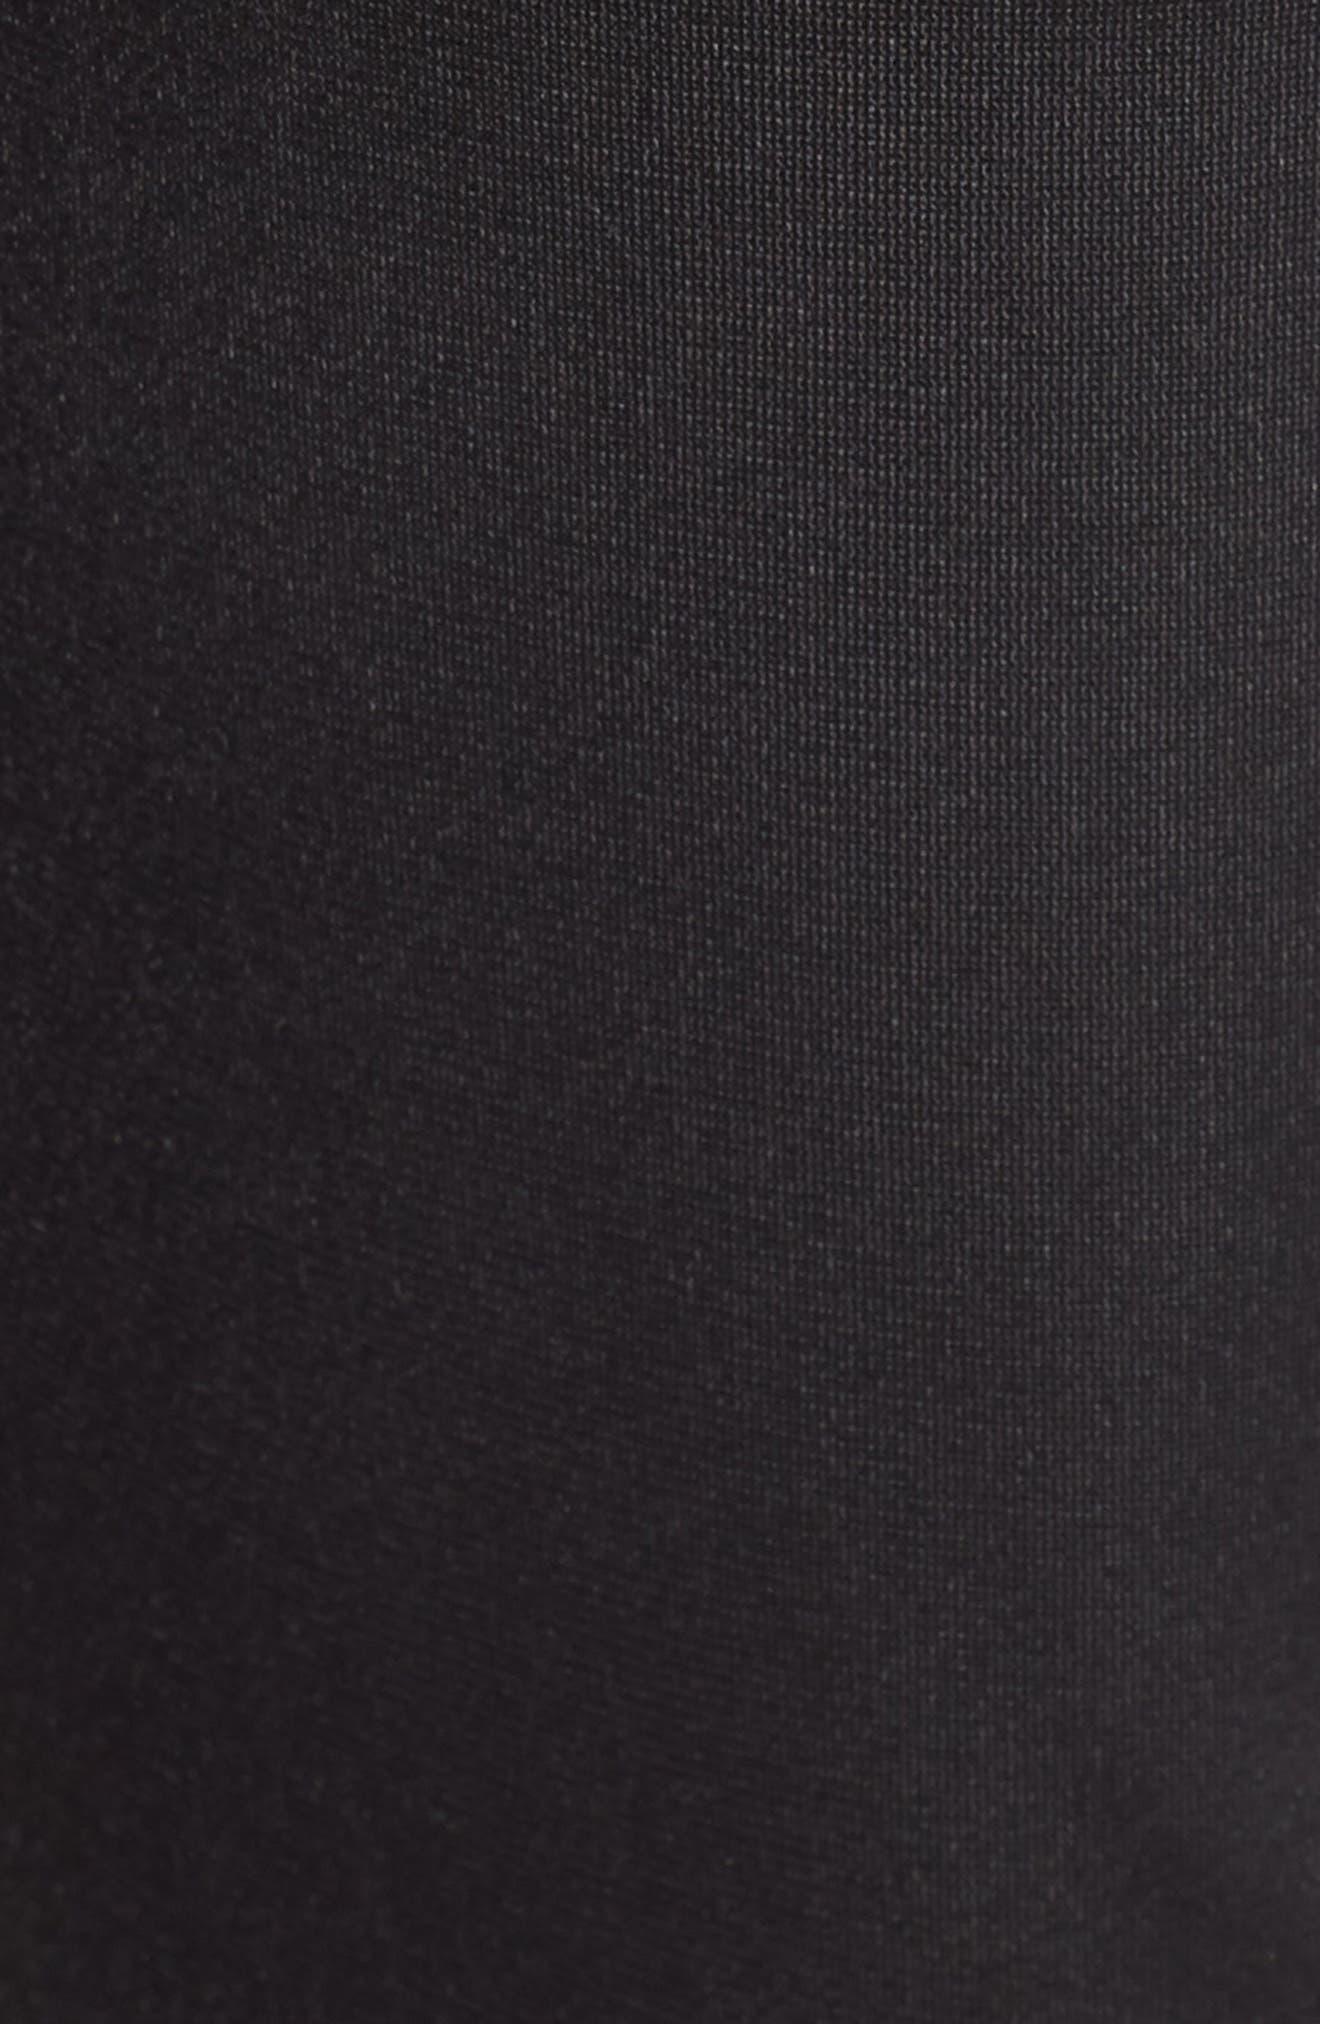 Banda Pants,                             Alternate thumbnail 6, color,                             Black/ White